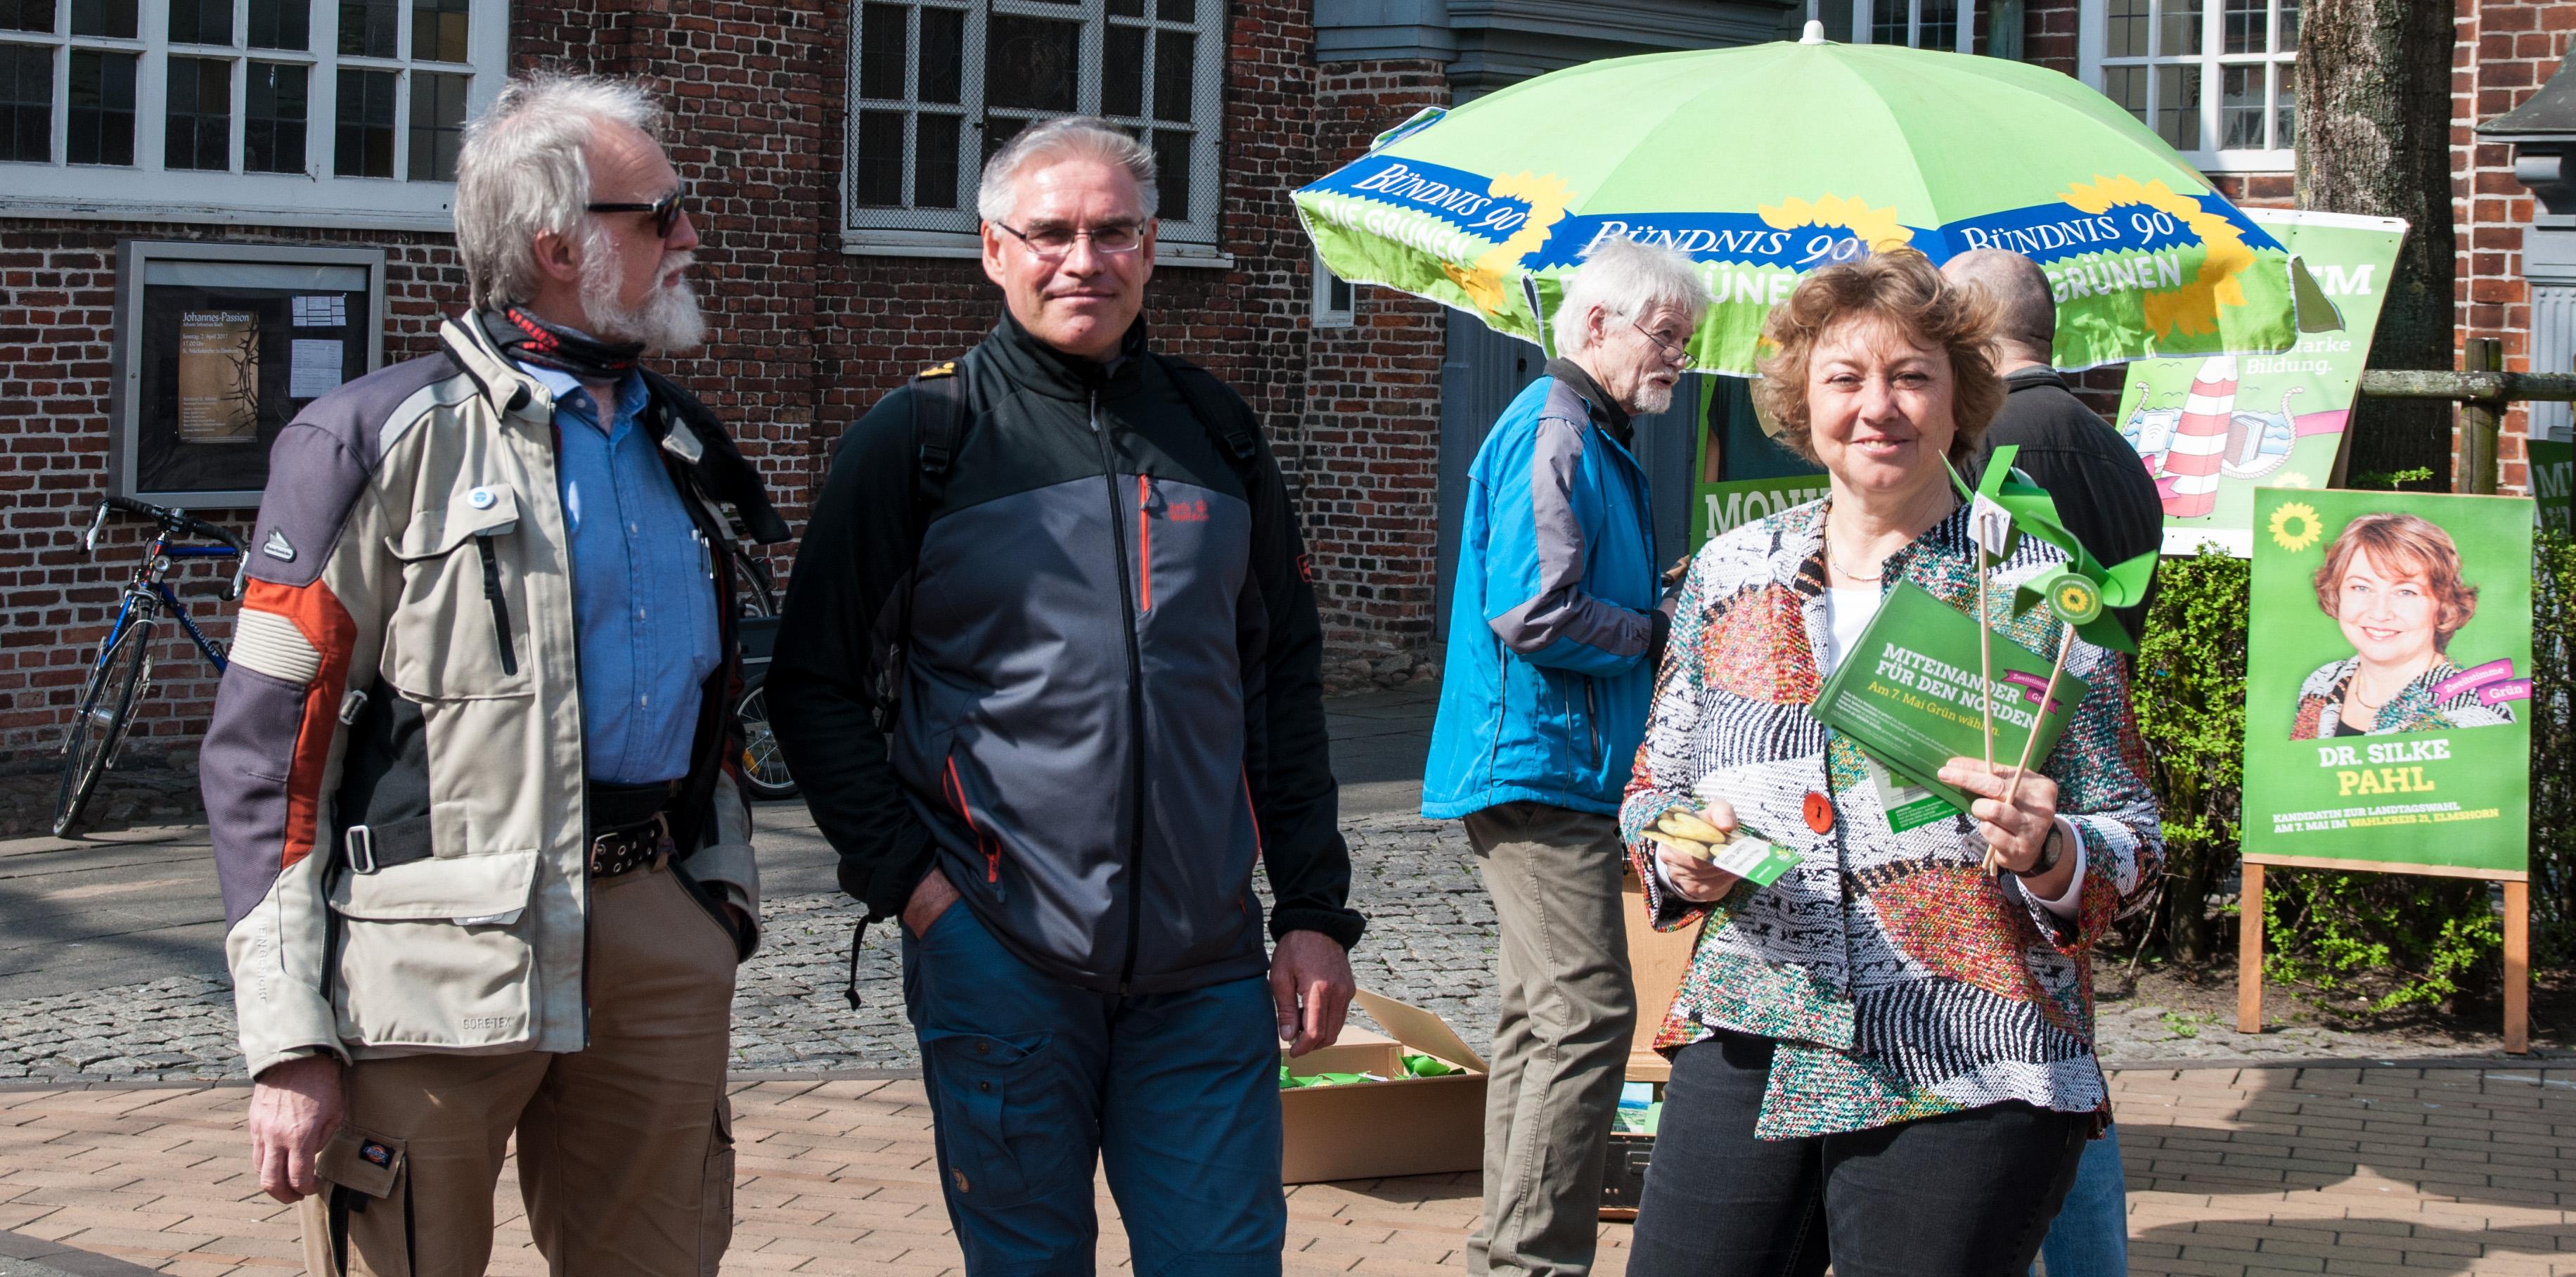 Le Grüner Schirm wahlkfauftakt unterm schirm bündnis 90 die grünen